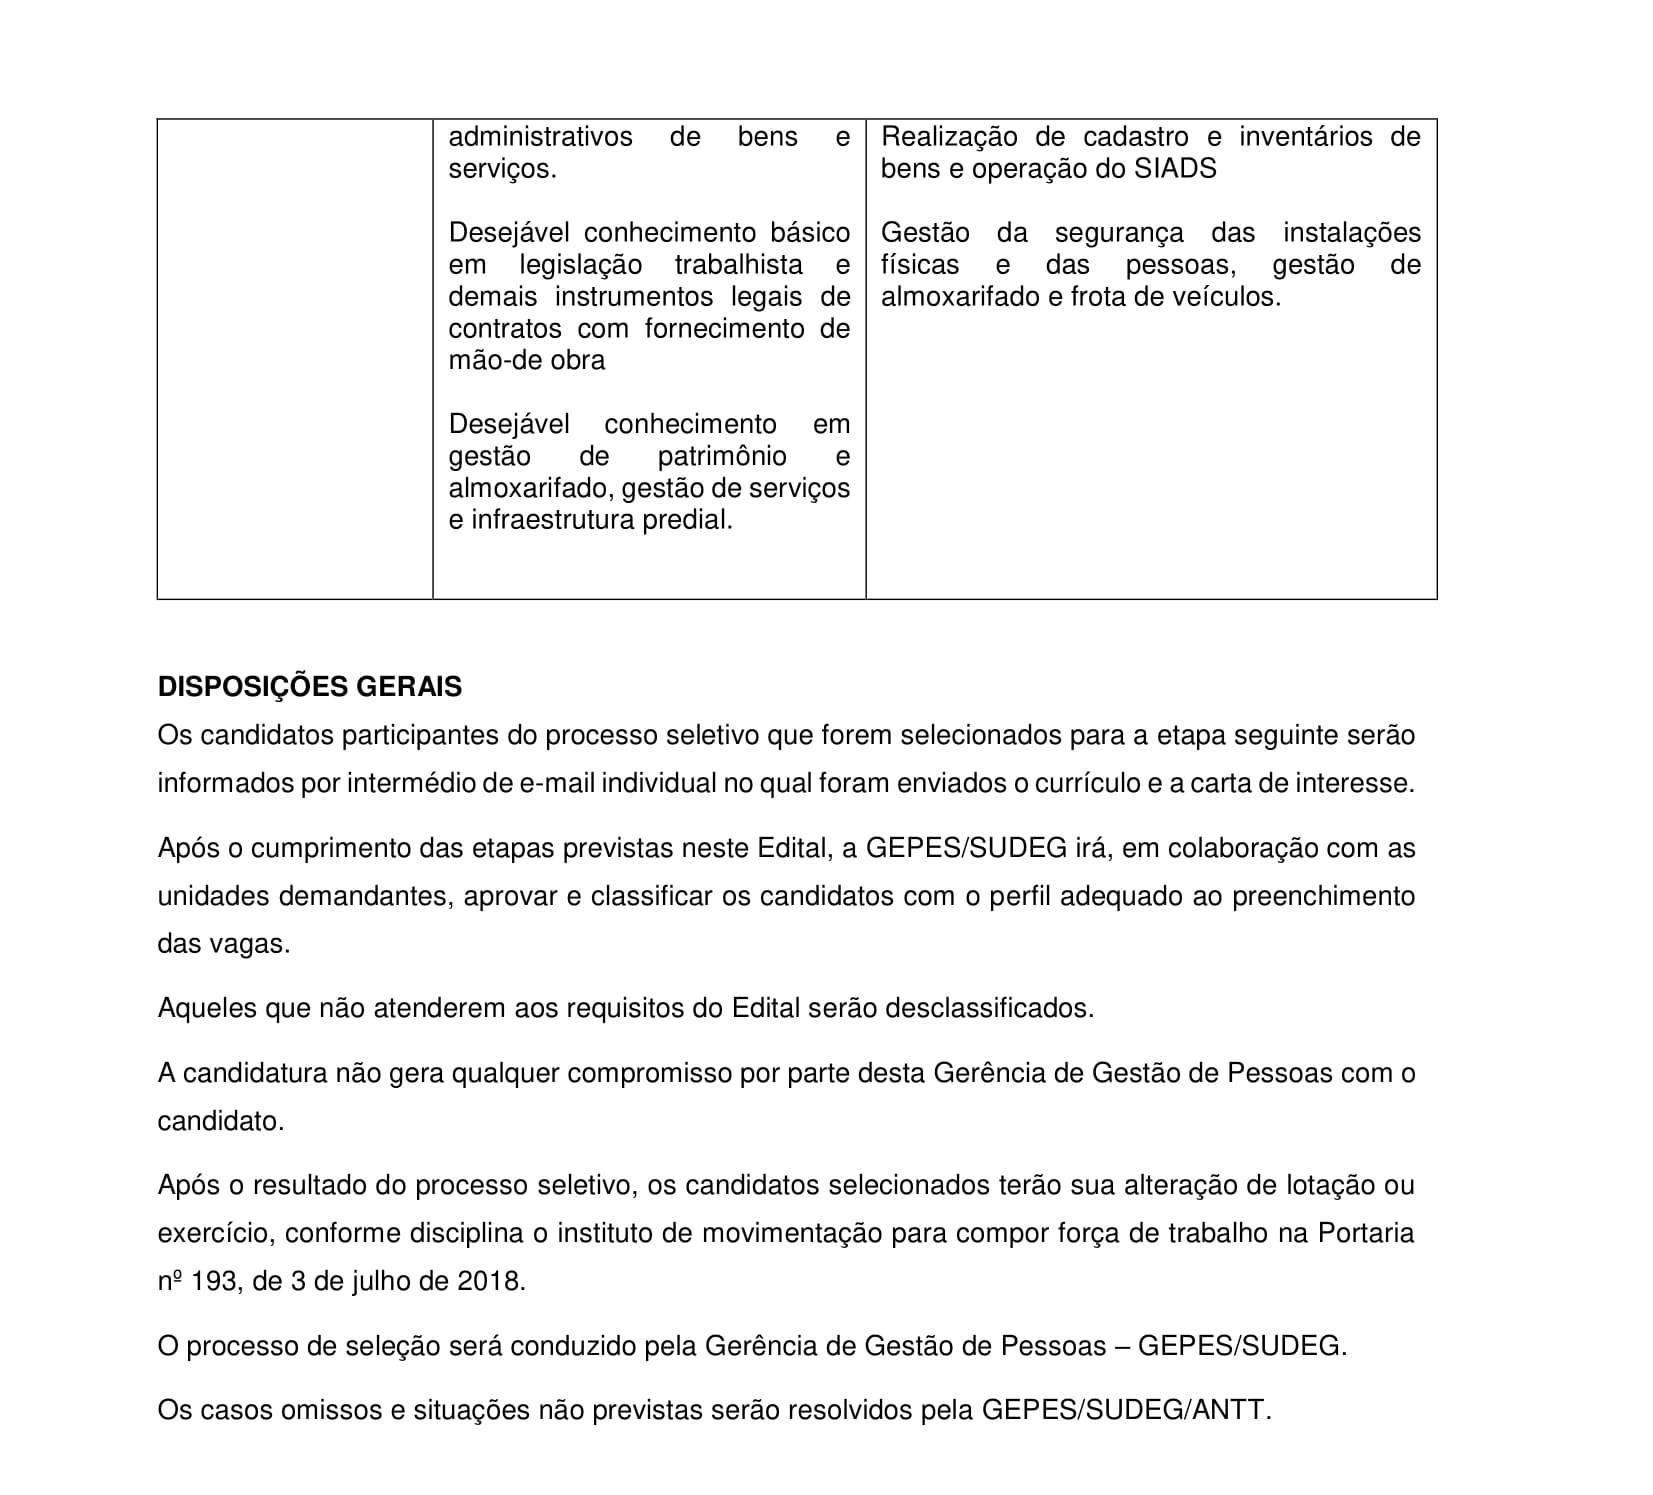 EDITAL_ANTT_PROCESSO_SELETIVO_MOVIMENTACAO_DE_SERVIDOR_07082019-4.jpg